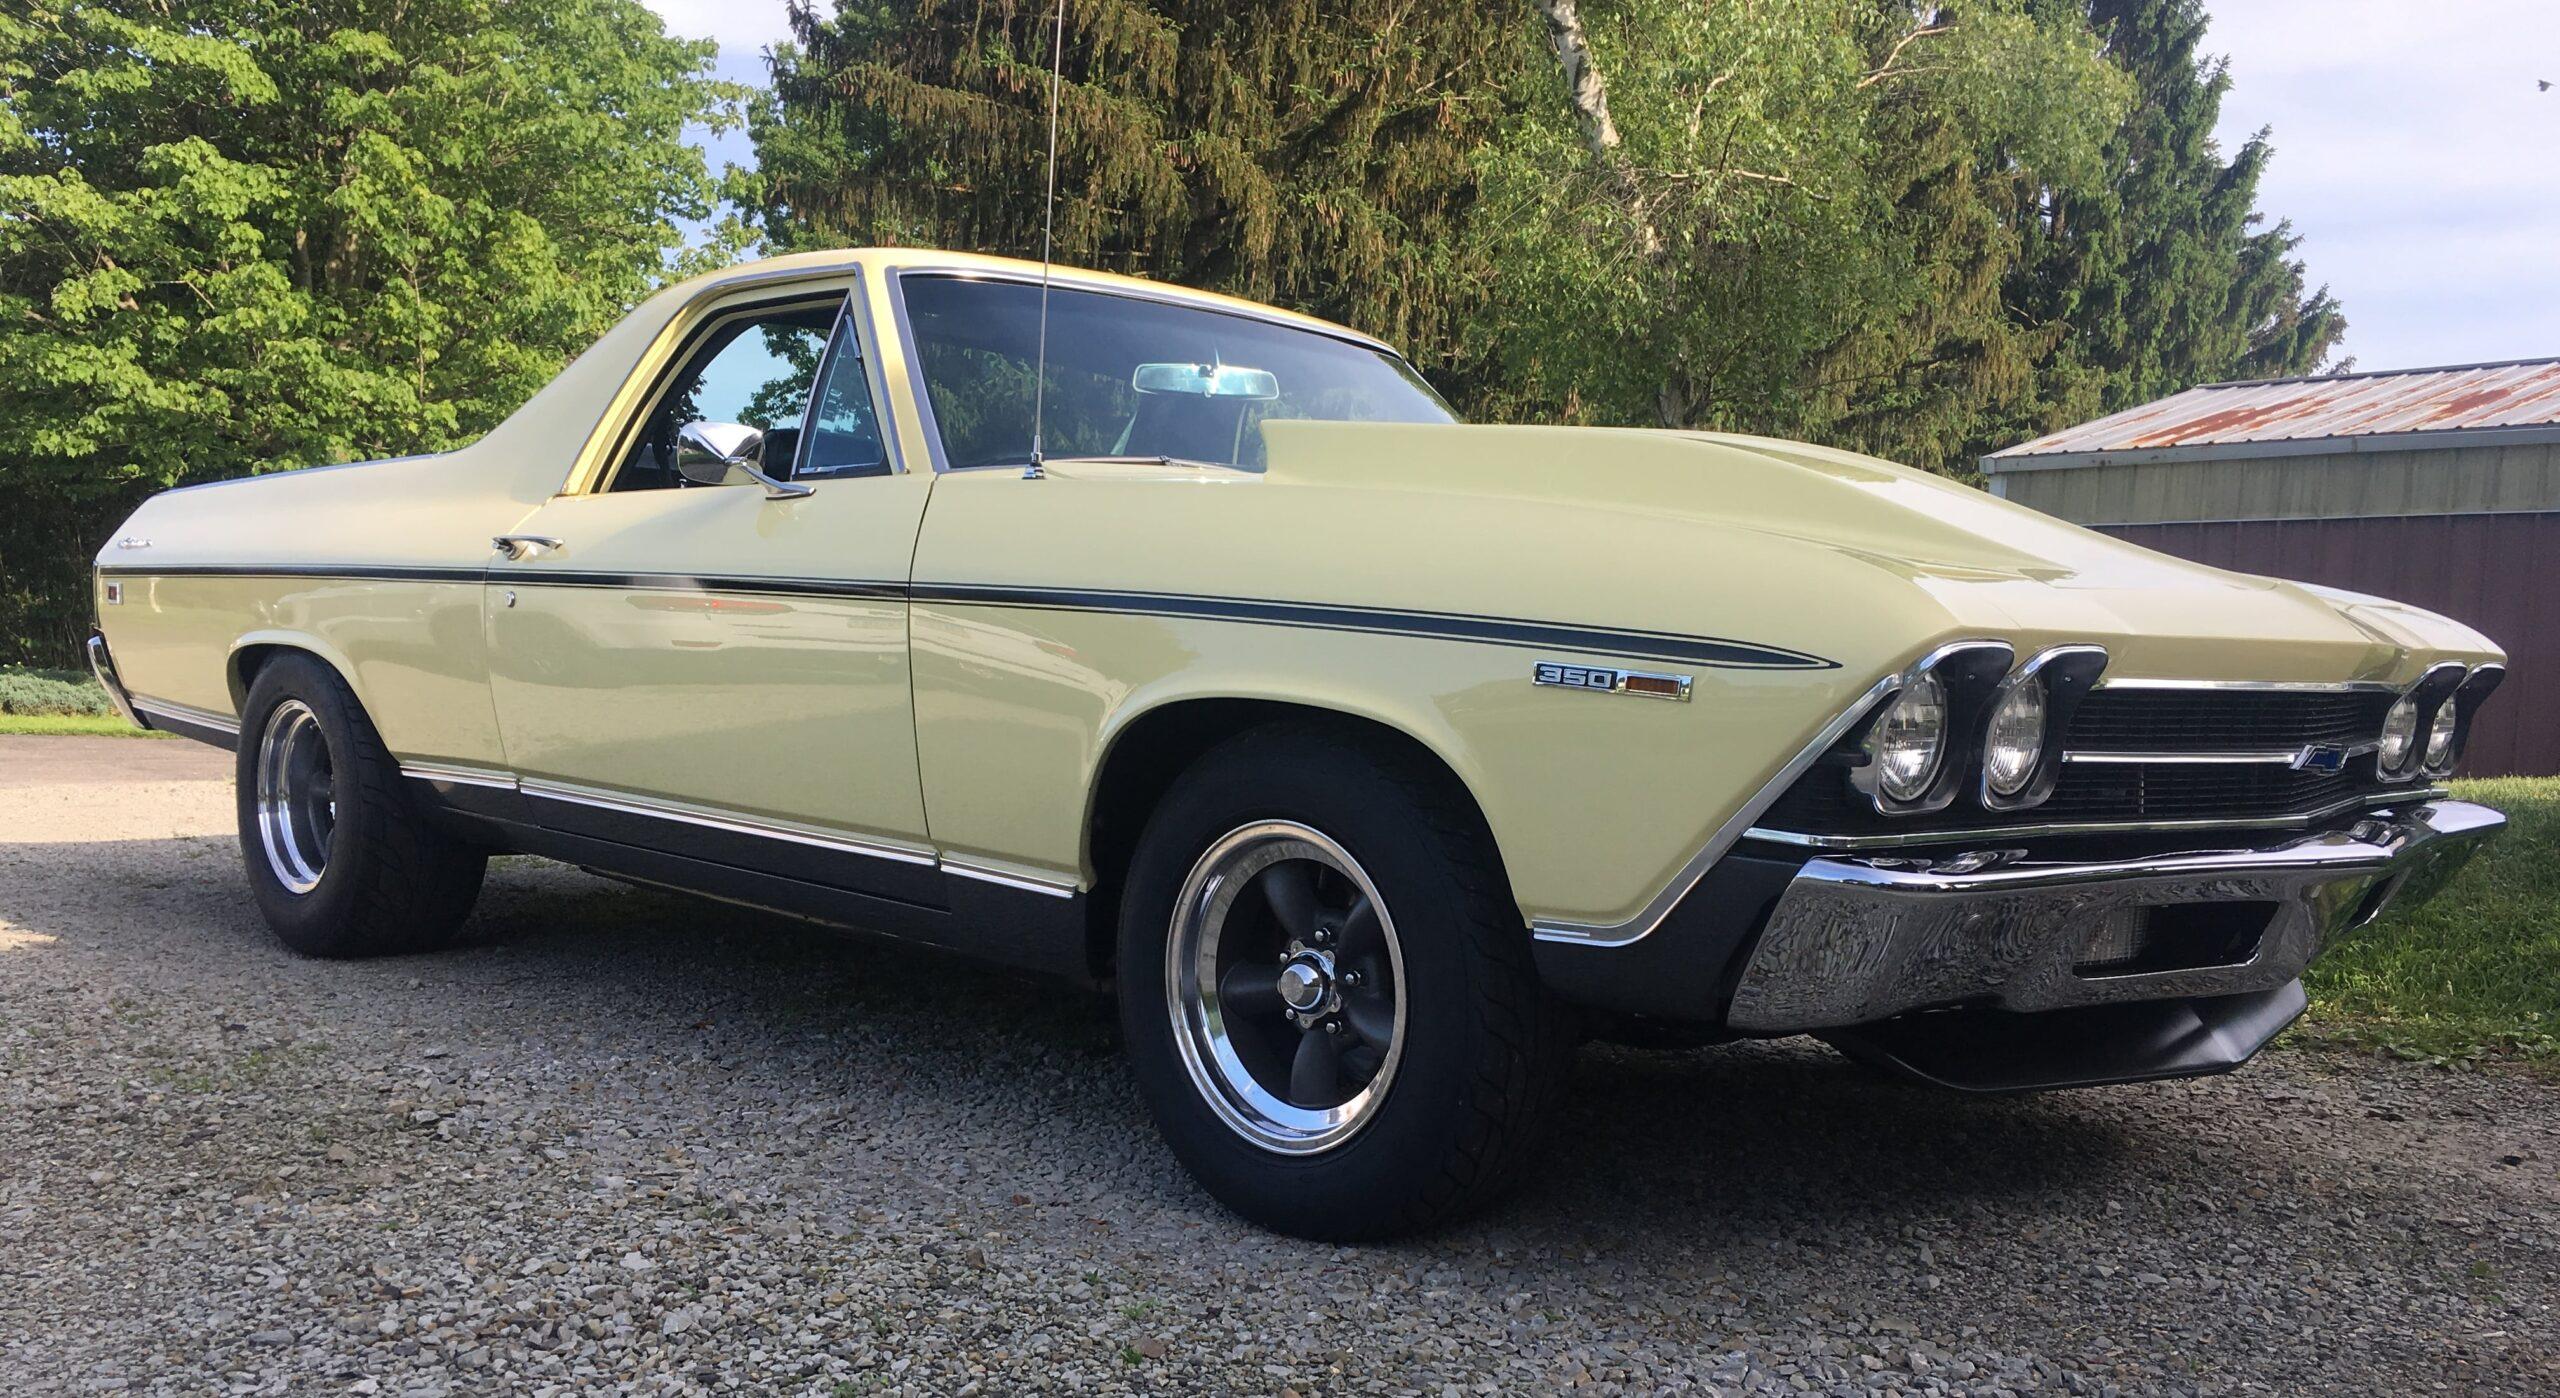 Adam Britz - Export, PA - 1969 - Chevrolet El Camino